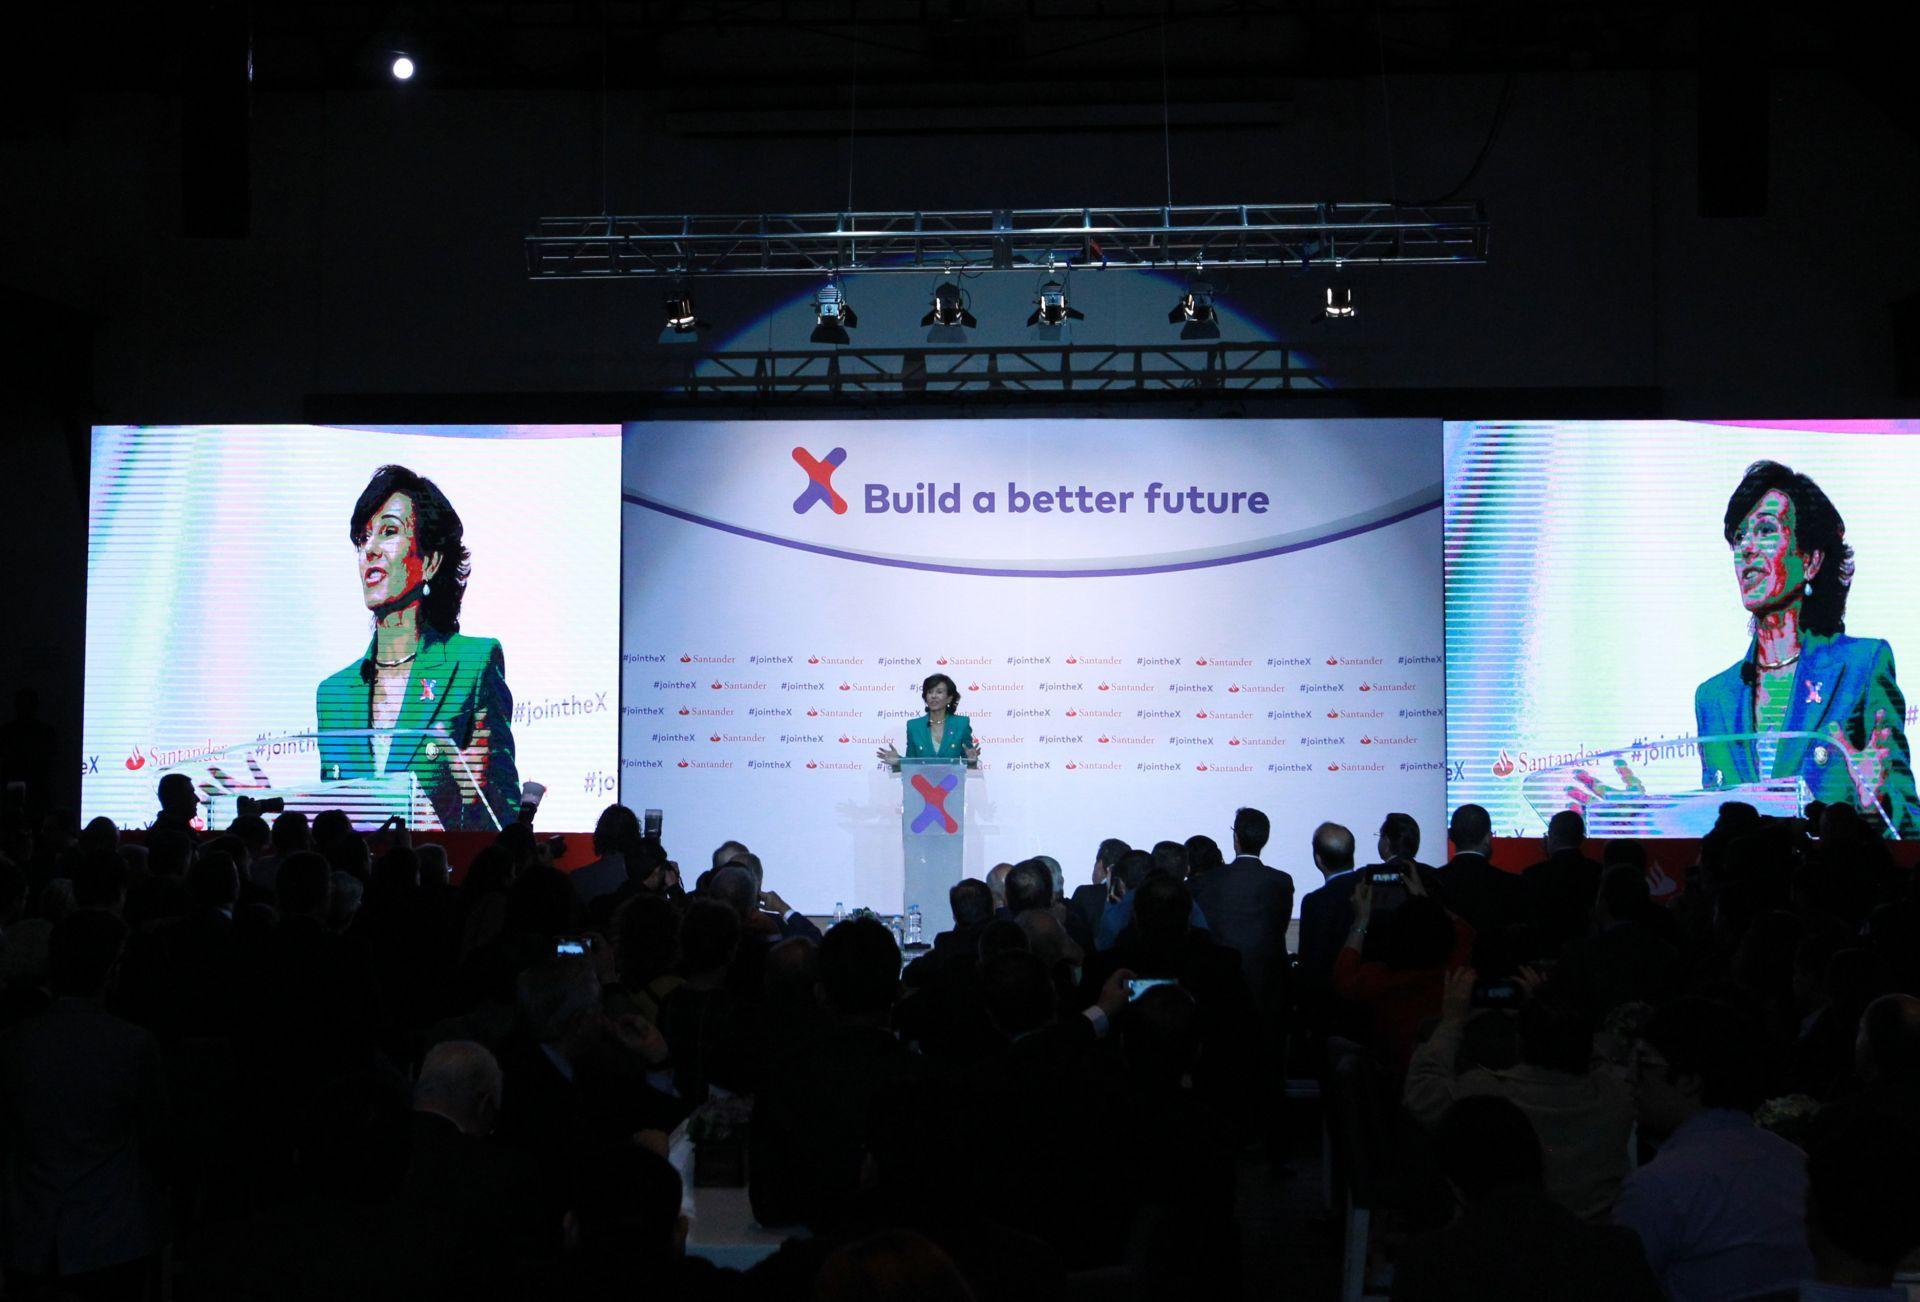 La presidenta del grupo Santander, Ana Botín, habla durante la presentación de un programa de emprendimiento universitario.